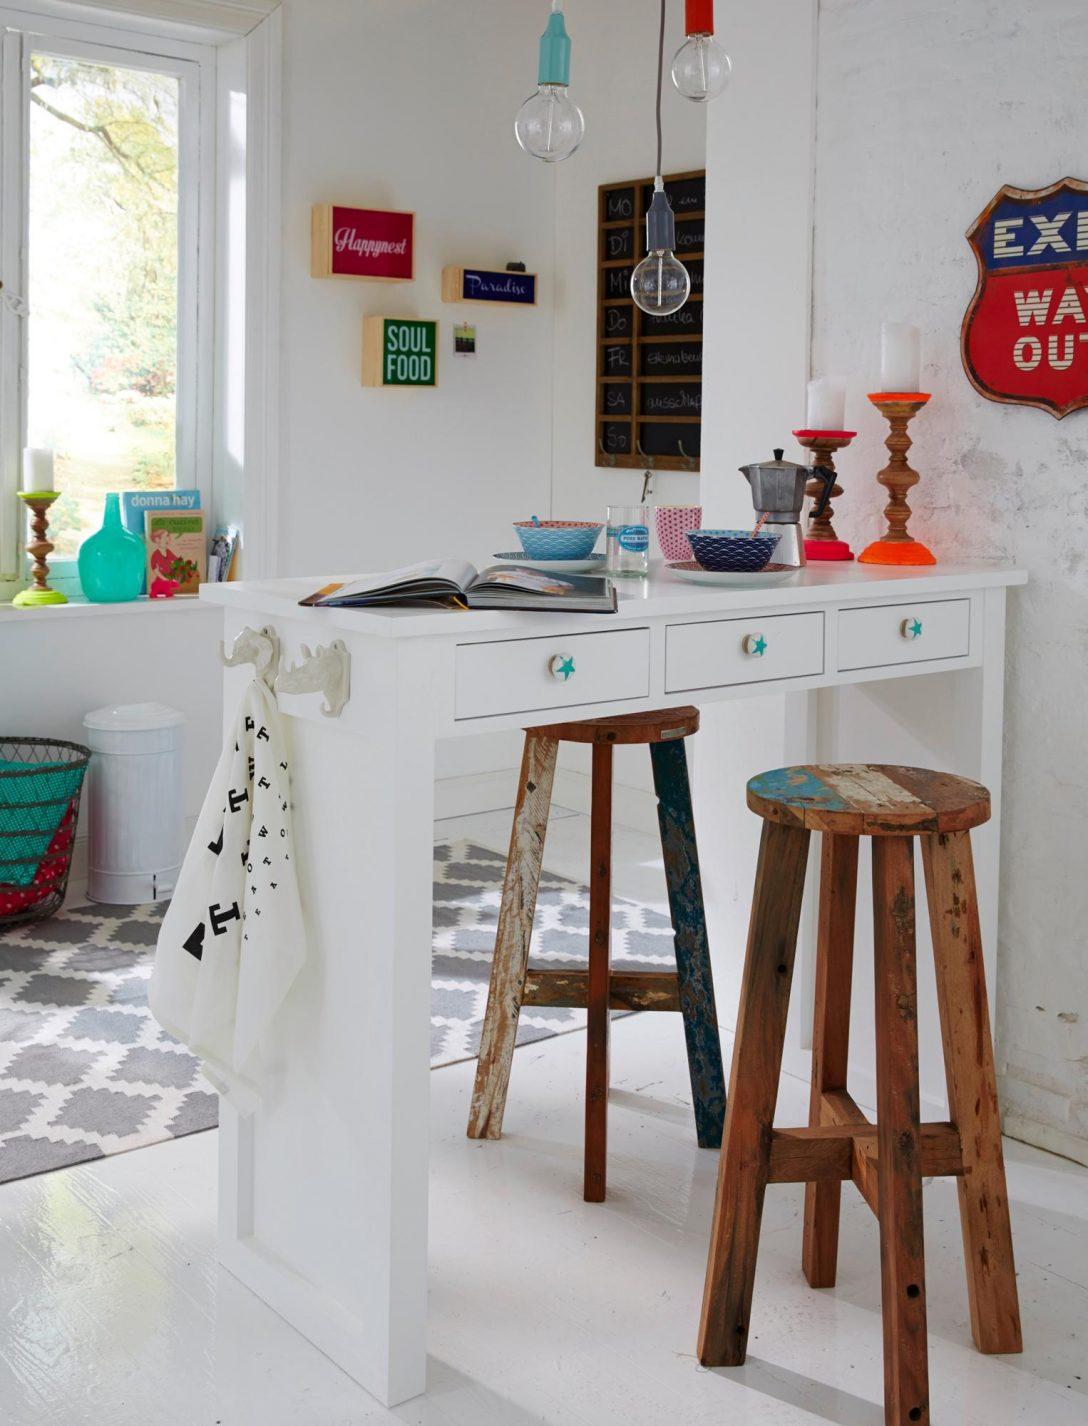 Full Size of Bartisch Ikea In Der Kche Eiche Fr Selber Bauen Wandverkleidung Küche Betten 160x200 Miniküche Kosten Bei Modulküche Sofa Mit Schlaffunktion Kaufen Wohnzimmer Bartisch Ikea